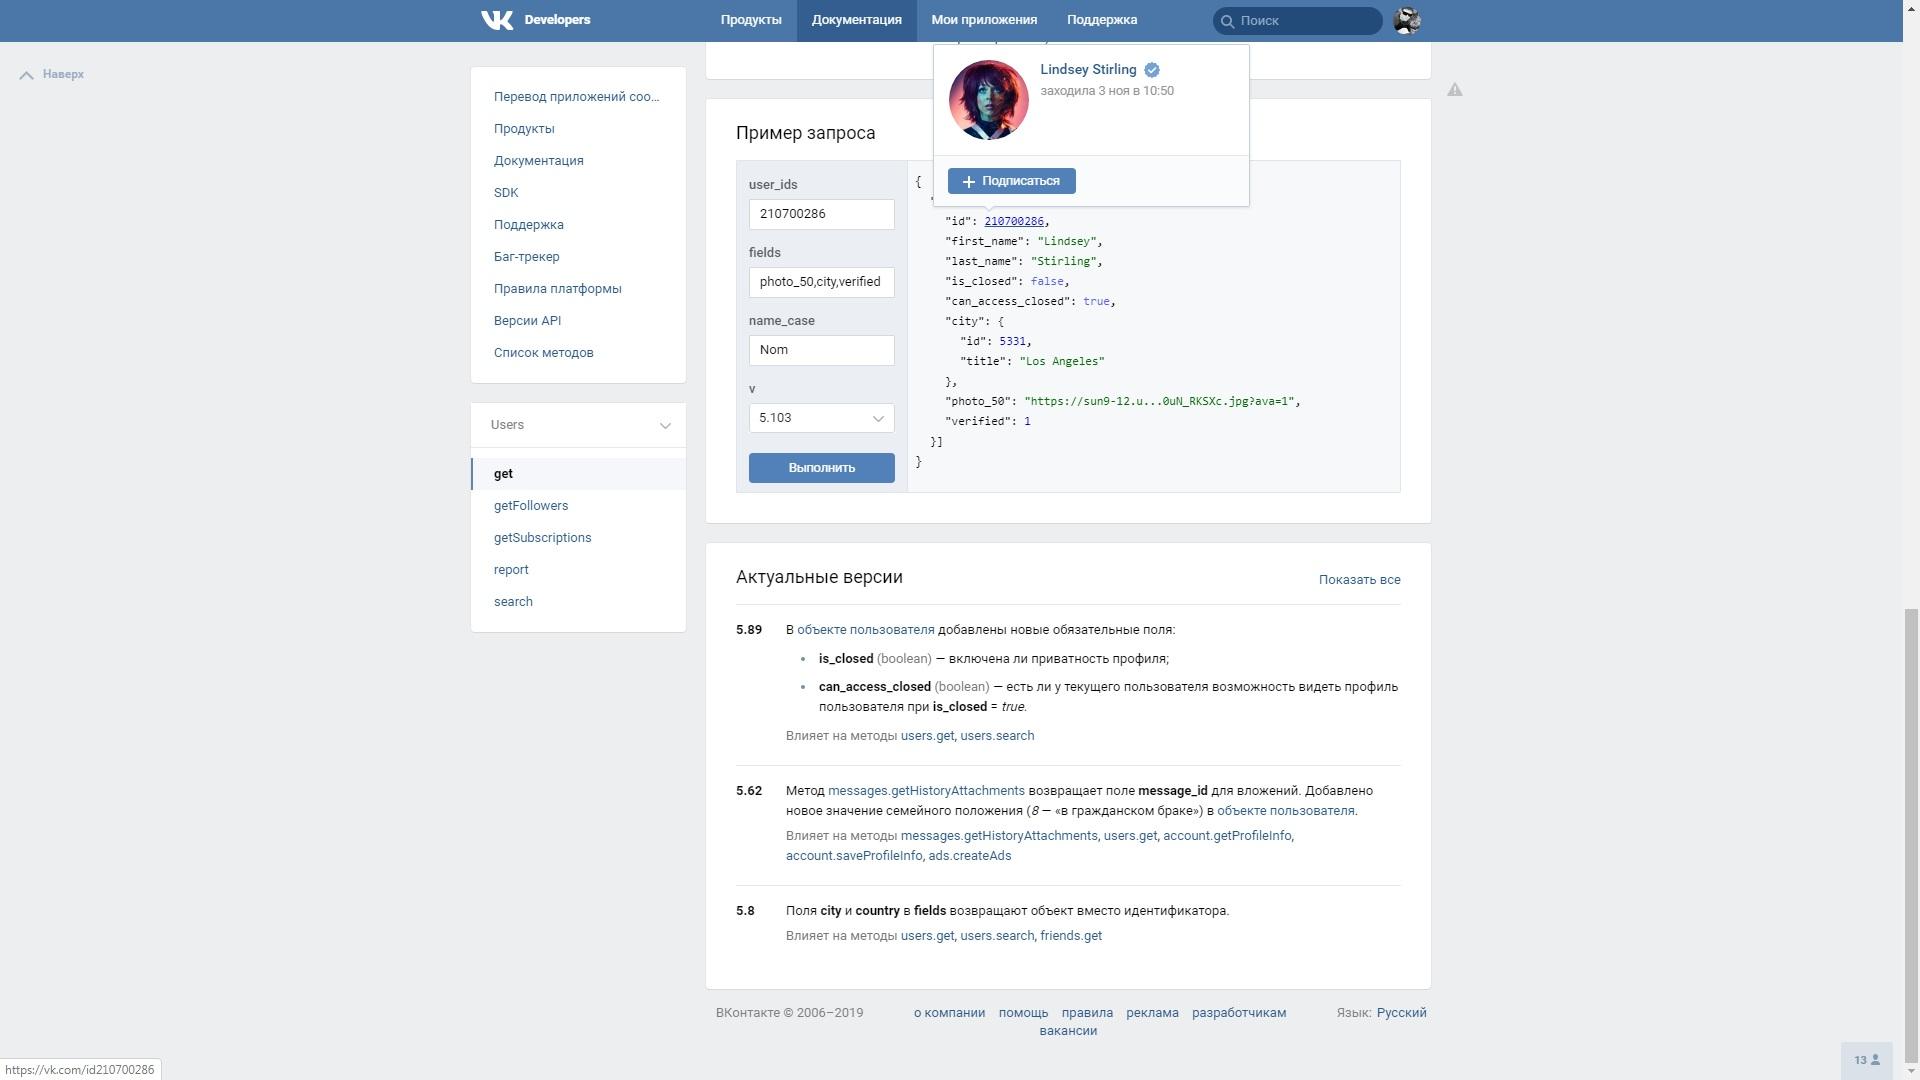 Секреты и баги ВКонтакте. Топ-10 5 - lenium.ru